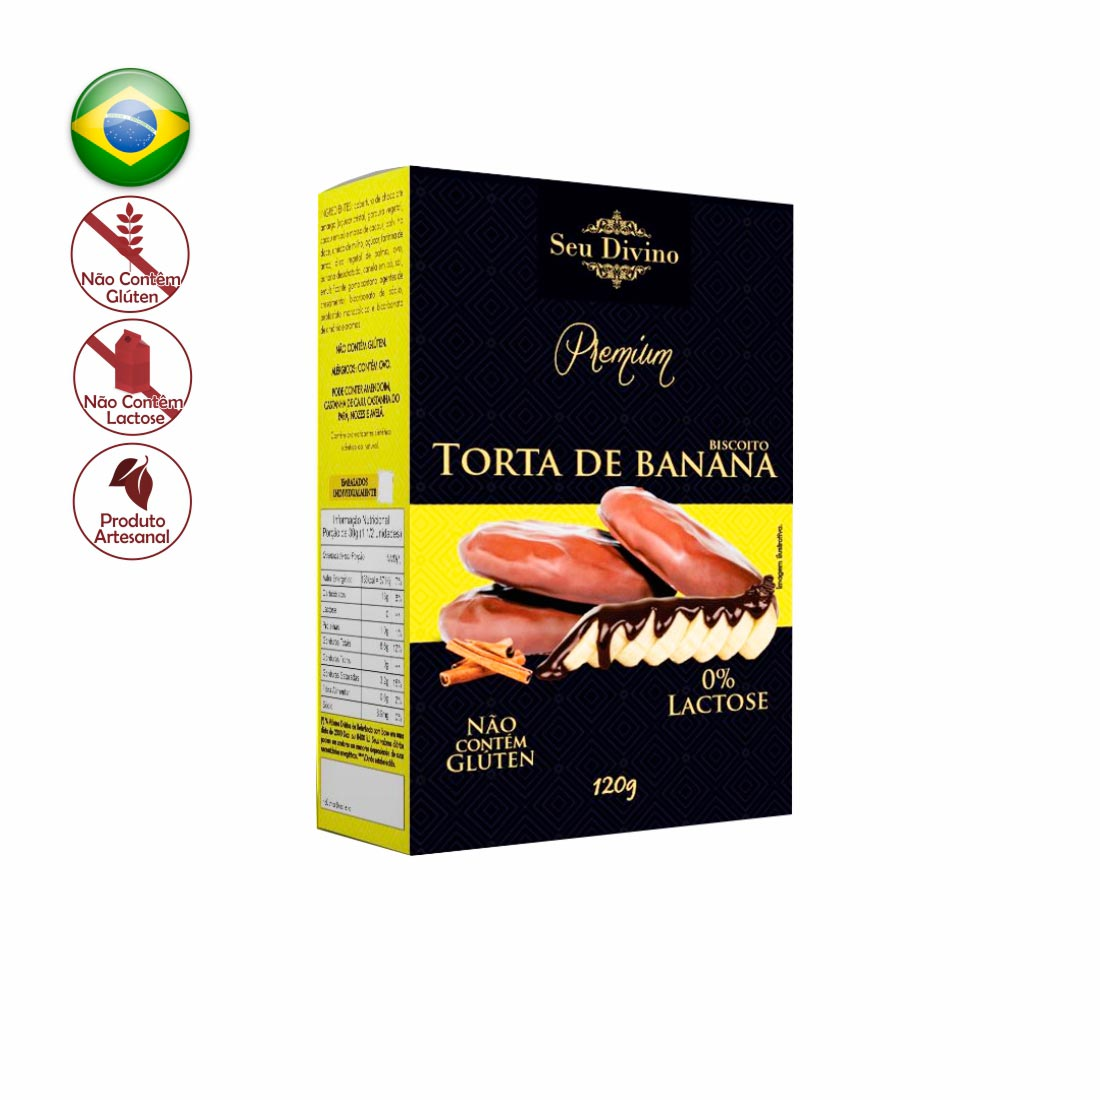 BISCOITO TORTA DE BANANA PREMIUM SEU DIVINO SEM GLÚTEN E ZERO LACTOSE 120G